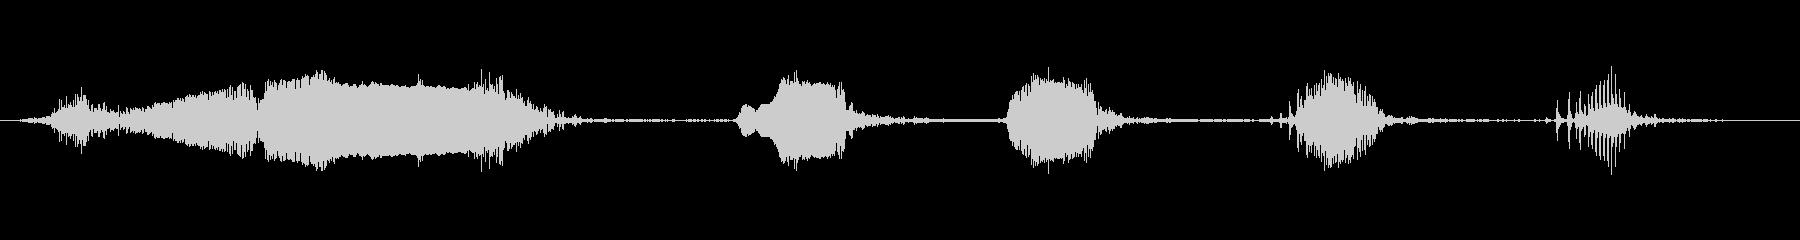 マイナ・バード・ラフの未再生の波形